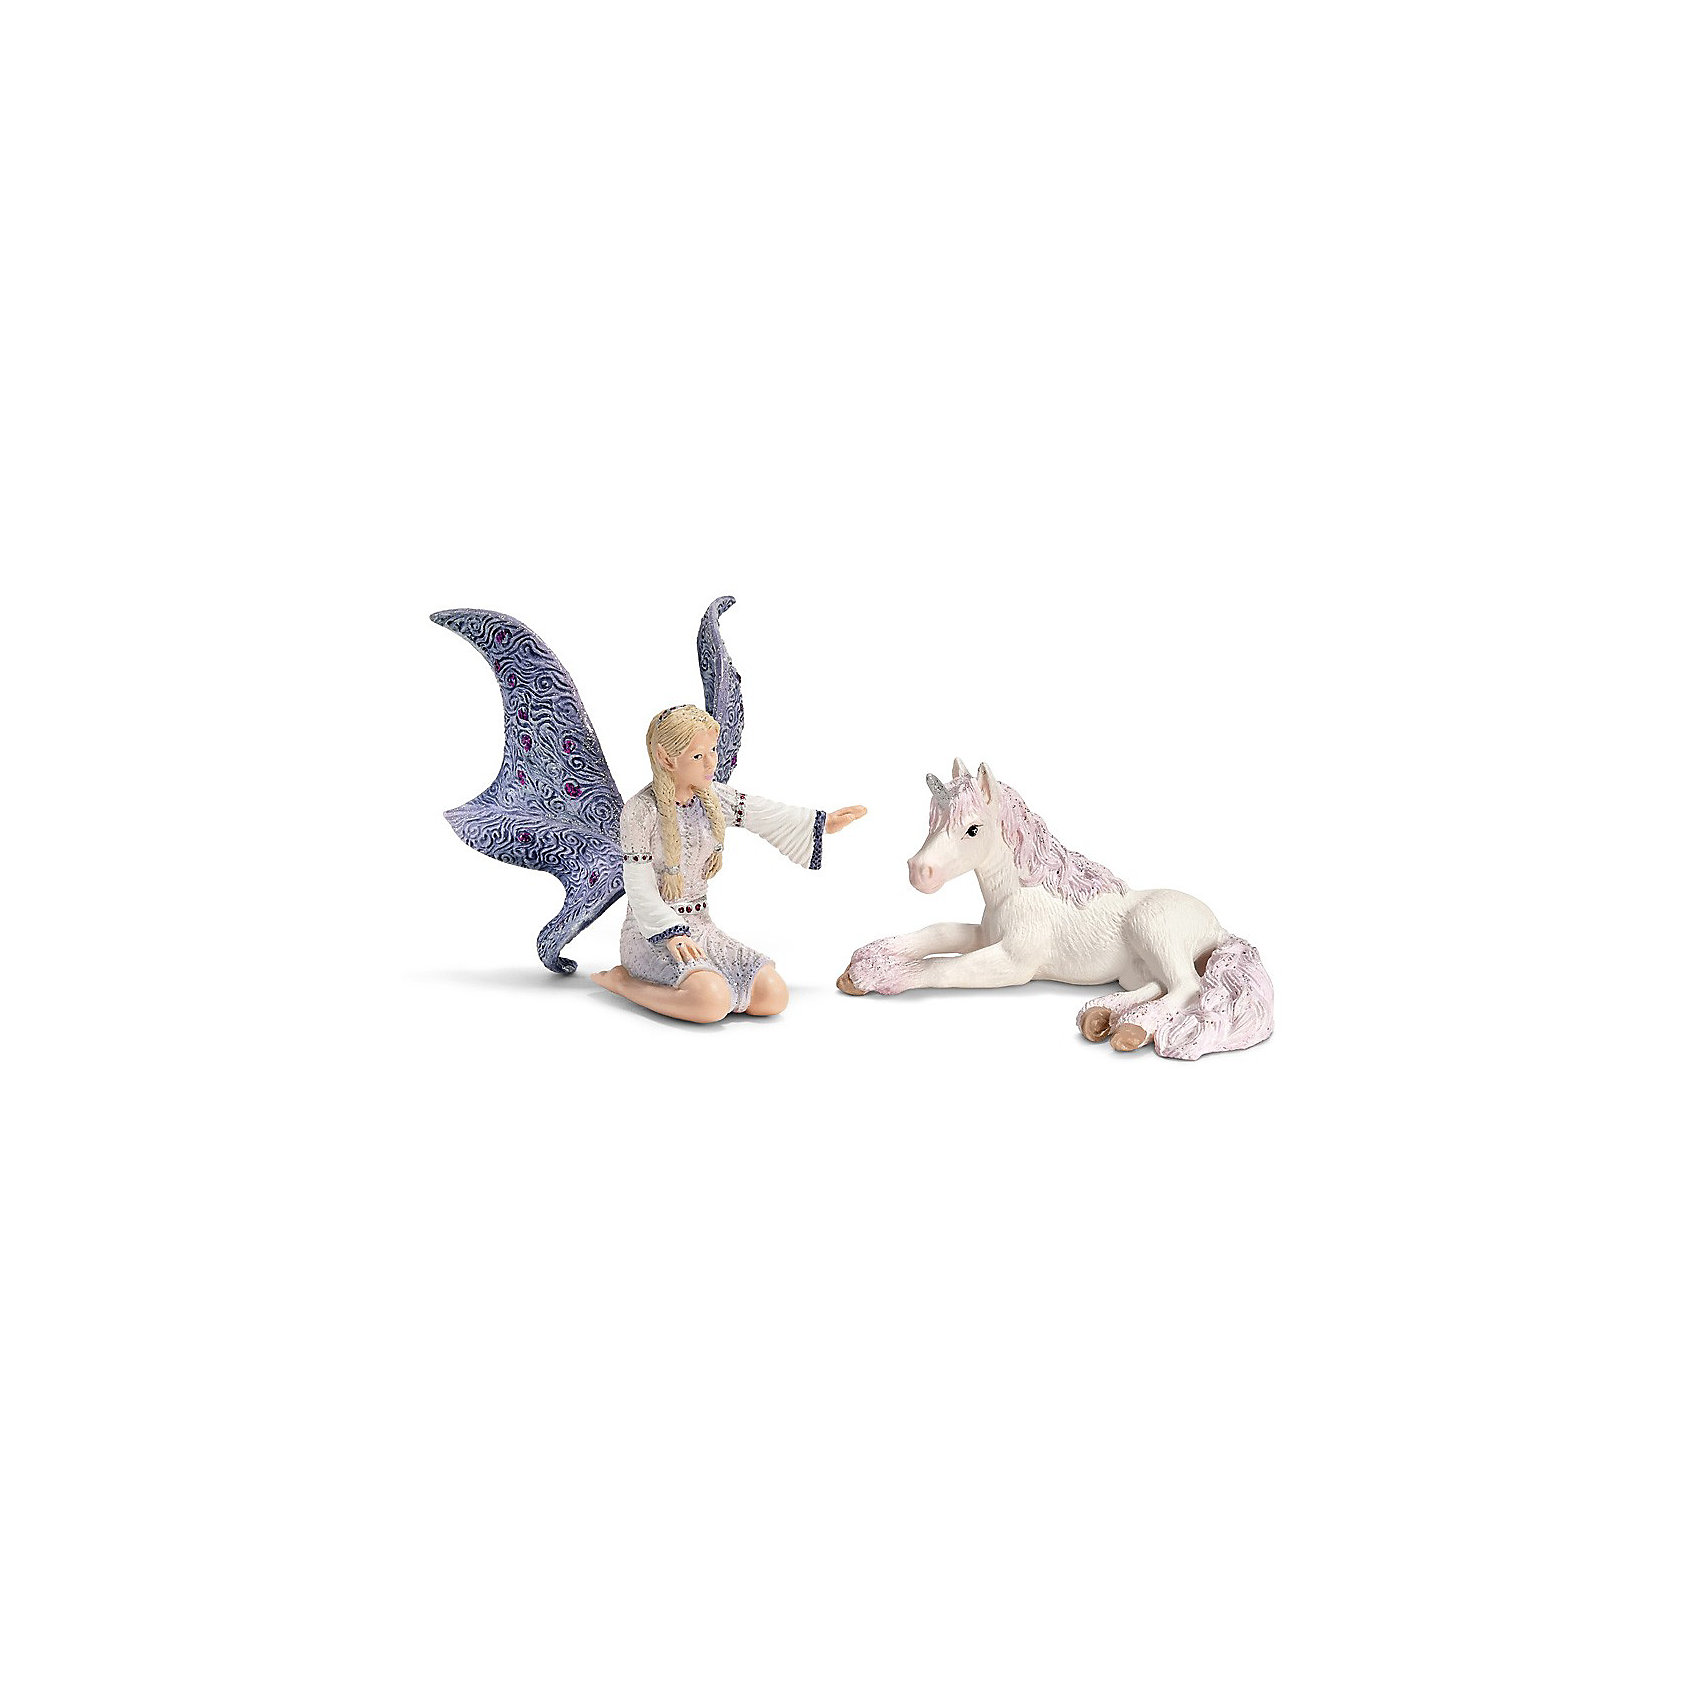 Schleich Schleich Линдариэль с жеребенком единорога. Серия Эльфы аксессуар proconnect bnc 05 3073 4 9